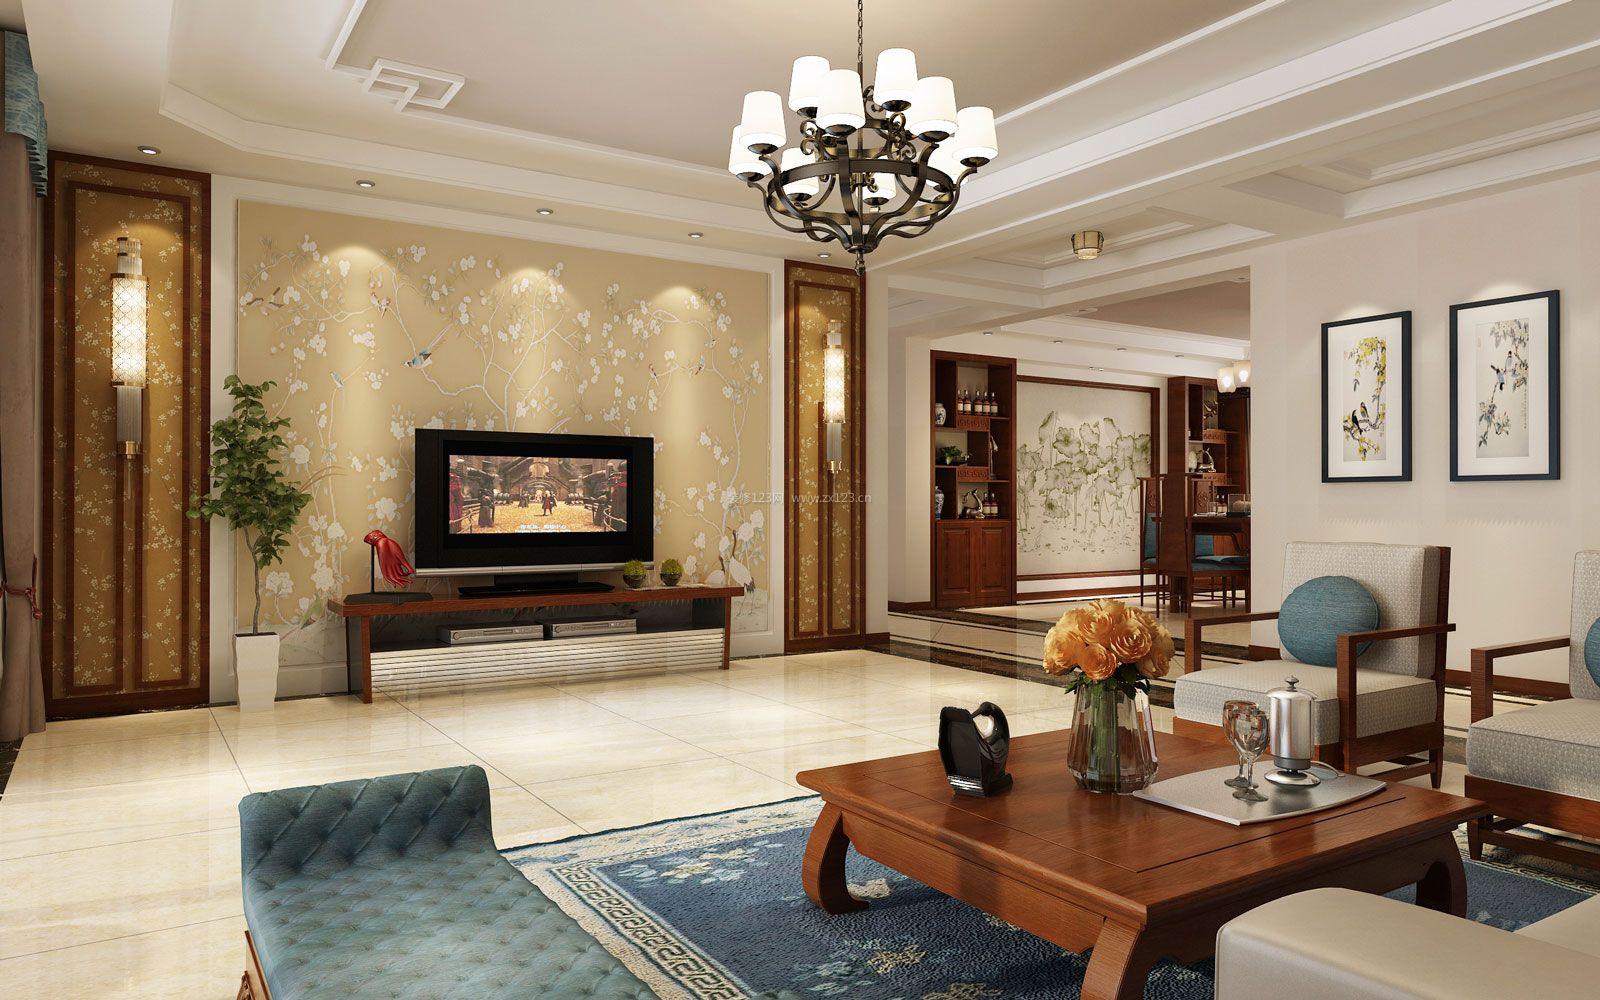 2017新中式客厅壁纸电视机背景墙装修效果图片大全图片